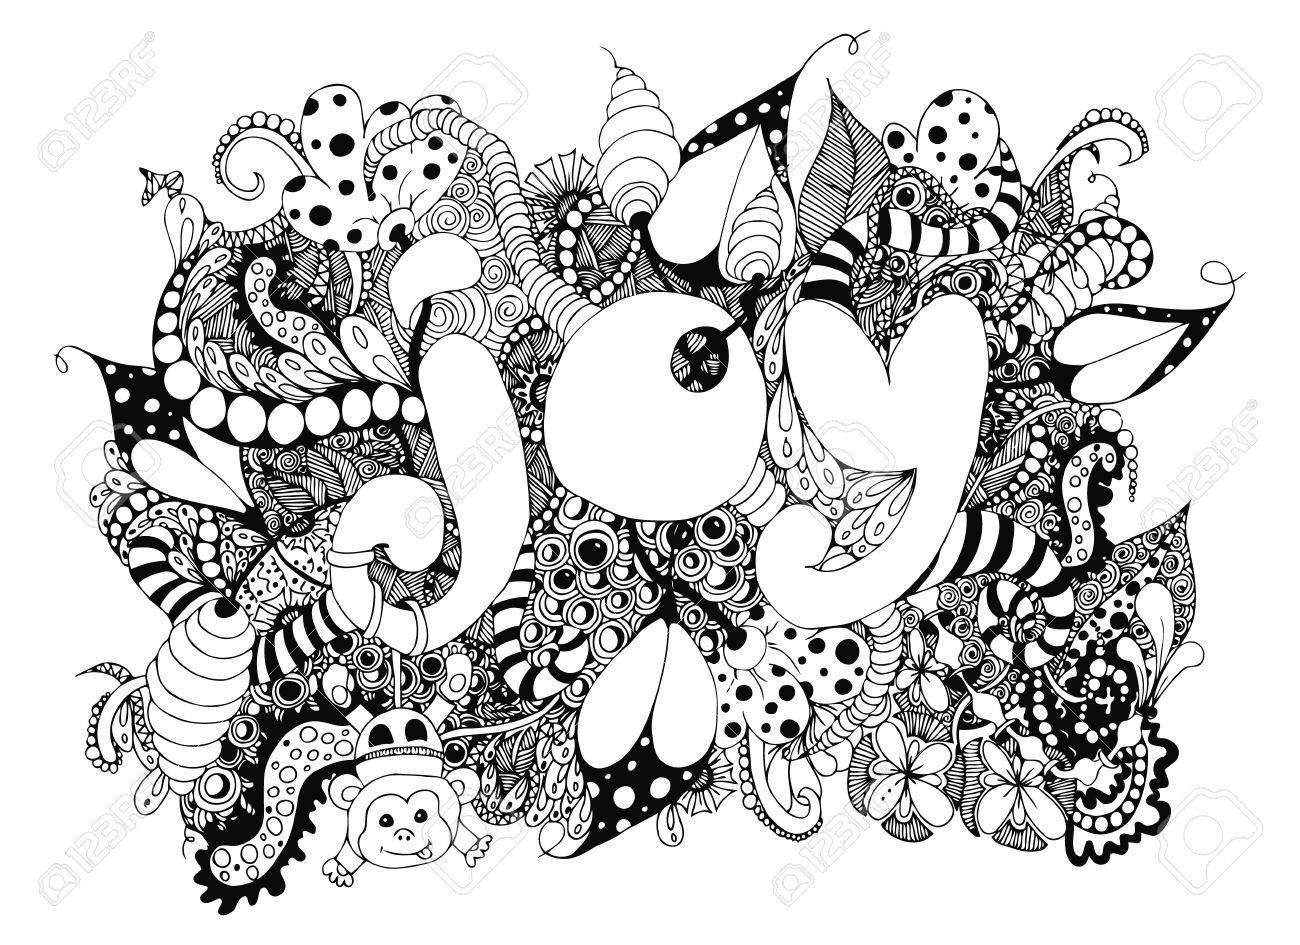 Mot Dillustration Joy Avec Des Motifs Doodle Dessin Singe